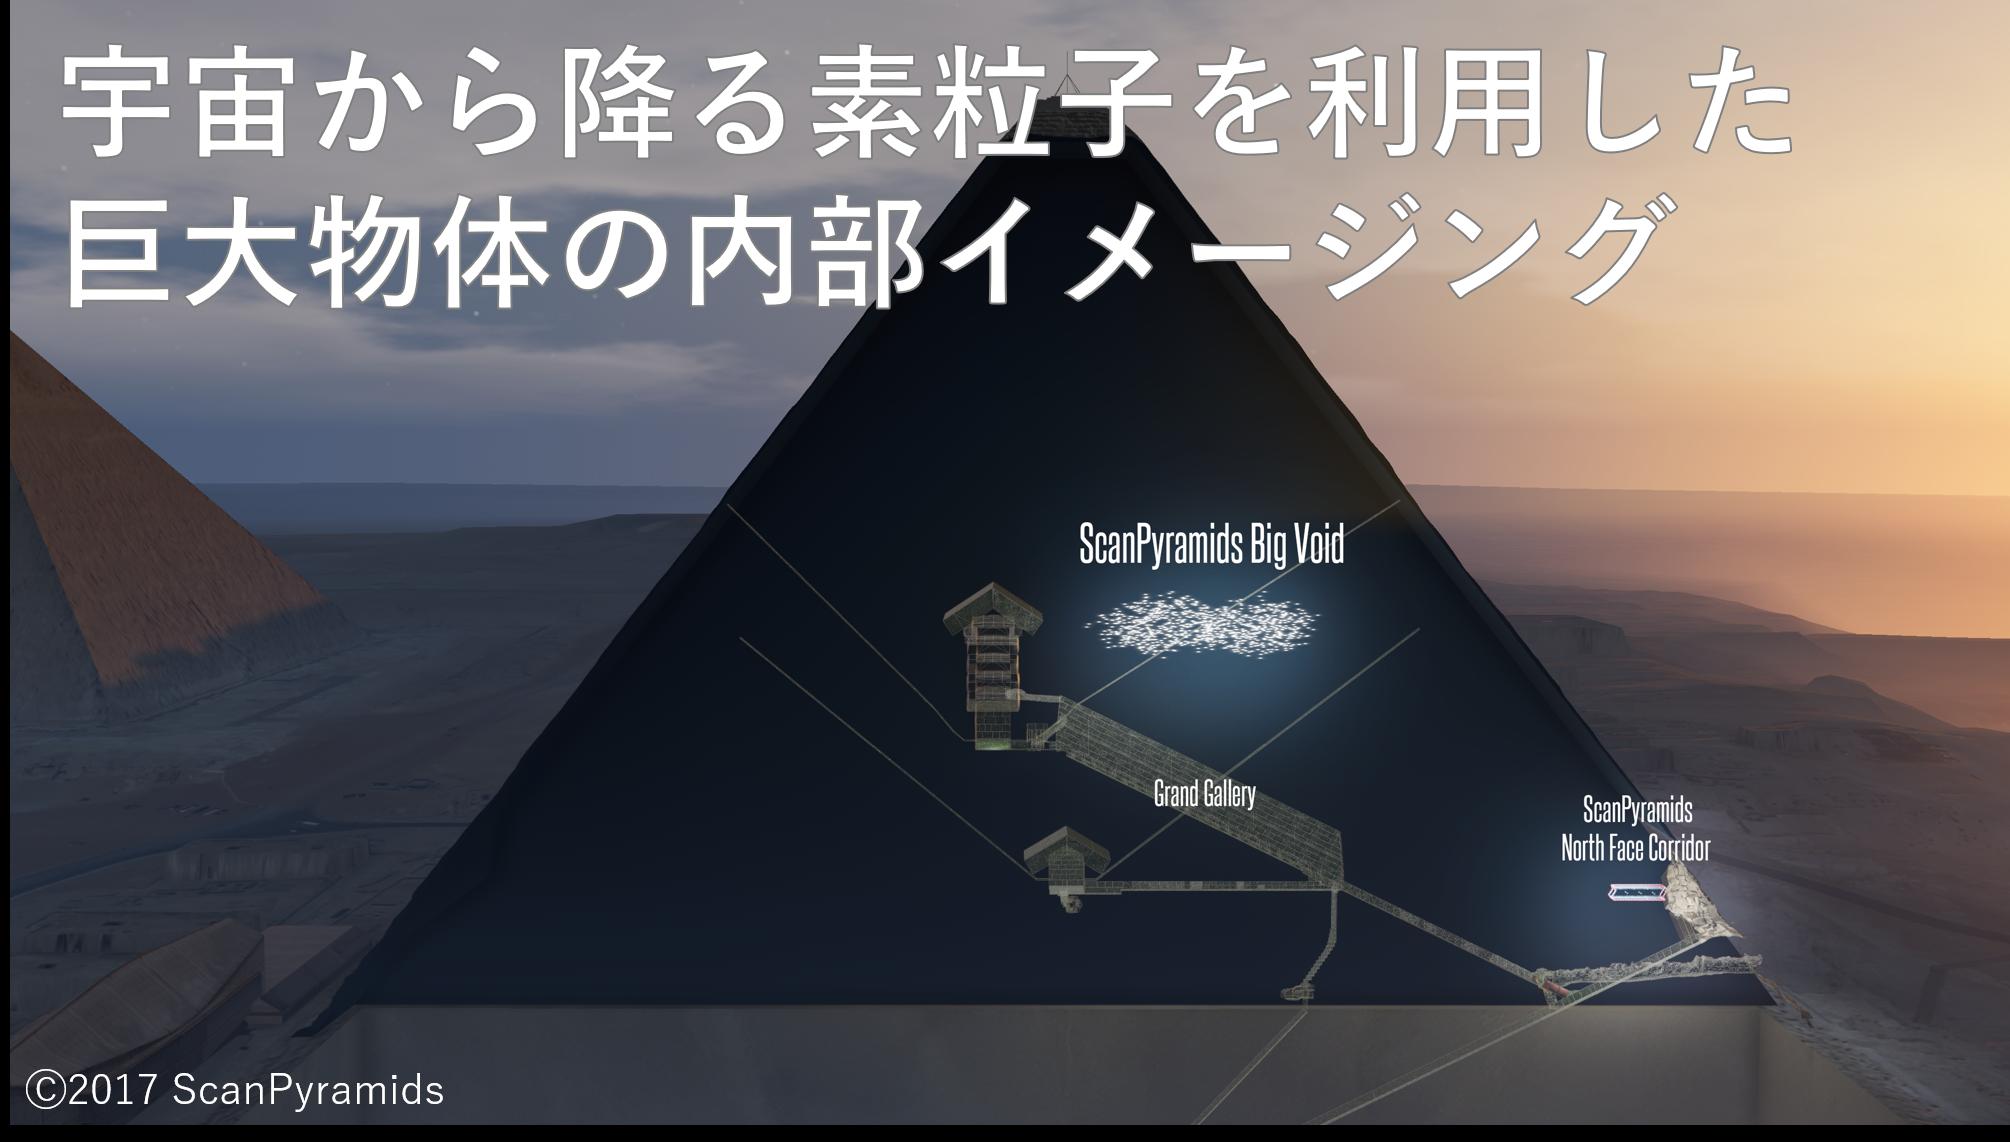 宇宙線ミューオンラジオグラフィのページへ